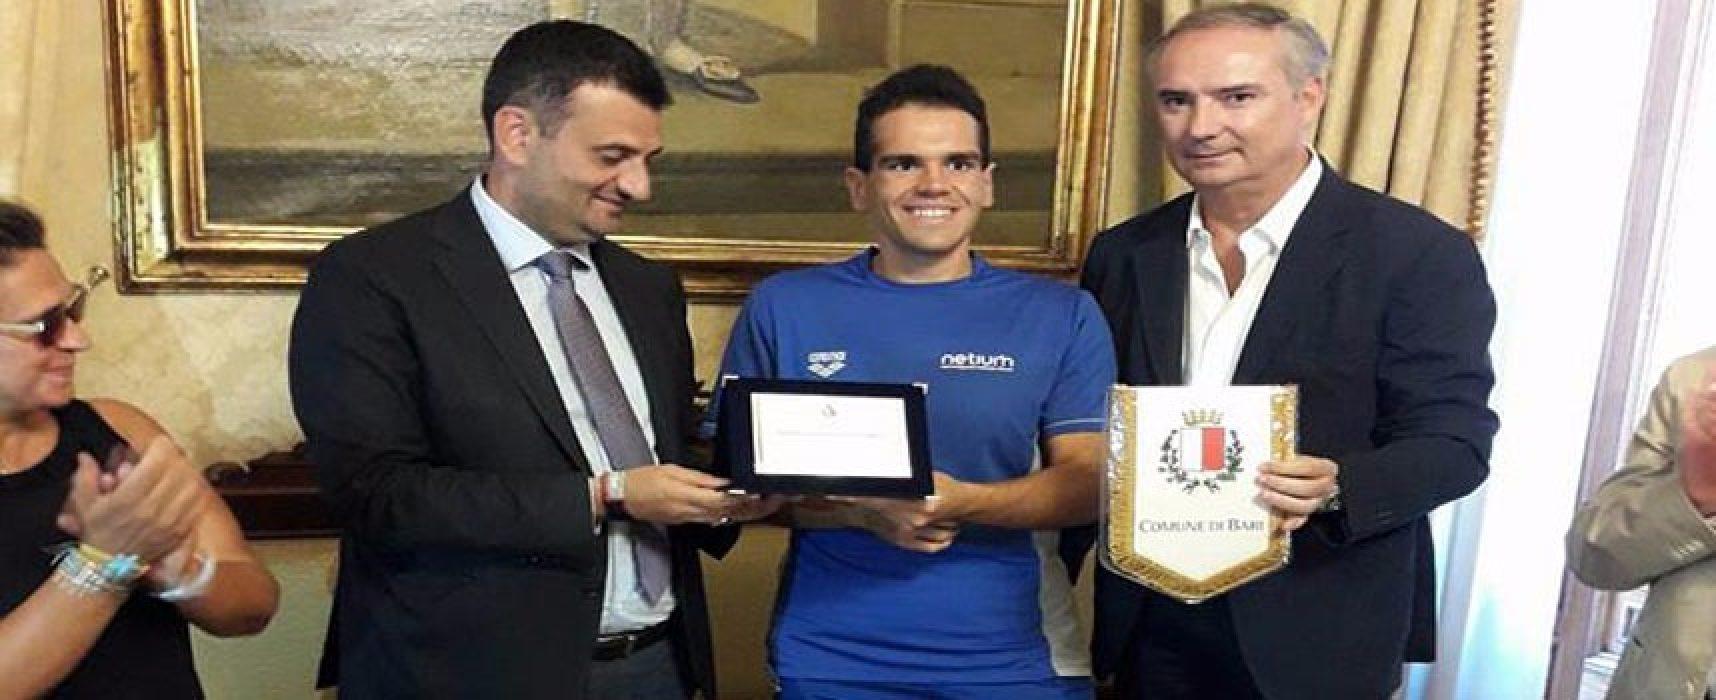 Traversata Bocche di Bonifacio, il nuotatore biscegliese Di Pierro premiato dal sindaco di Bari